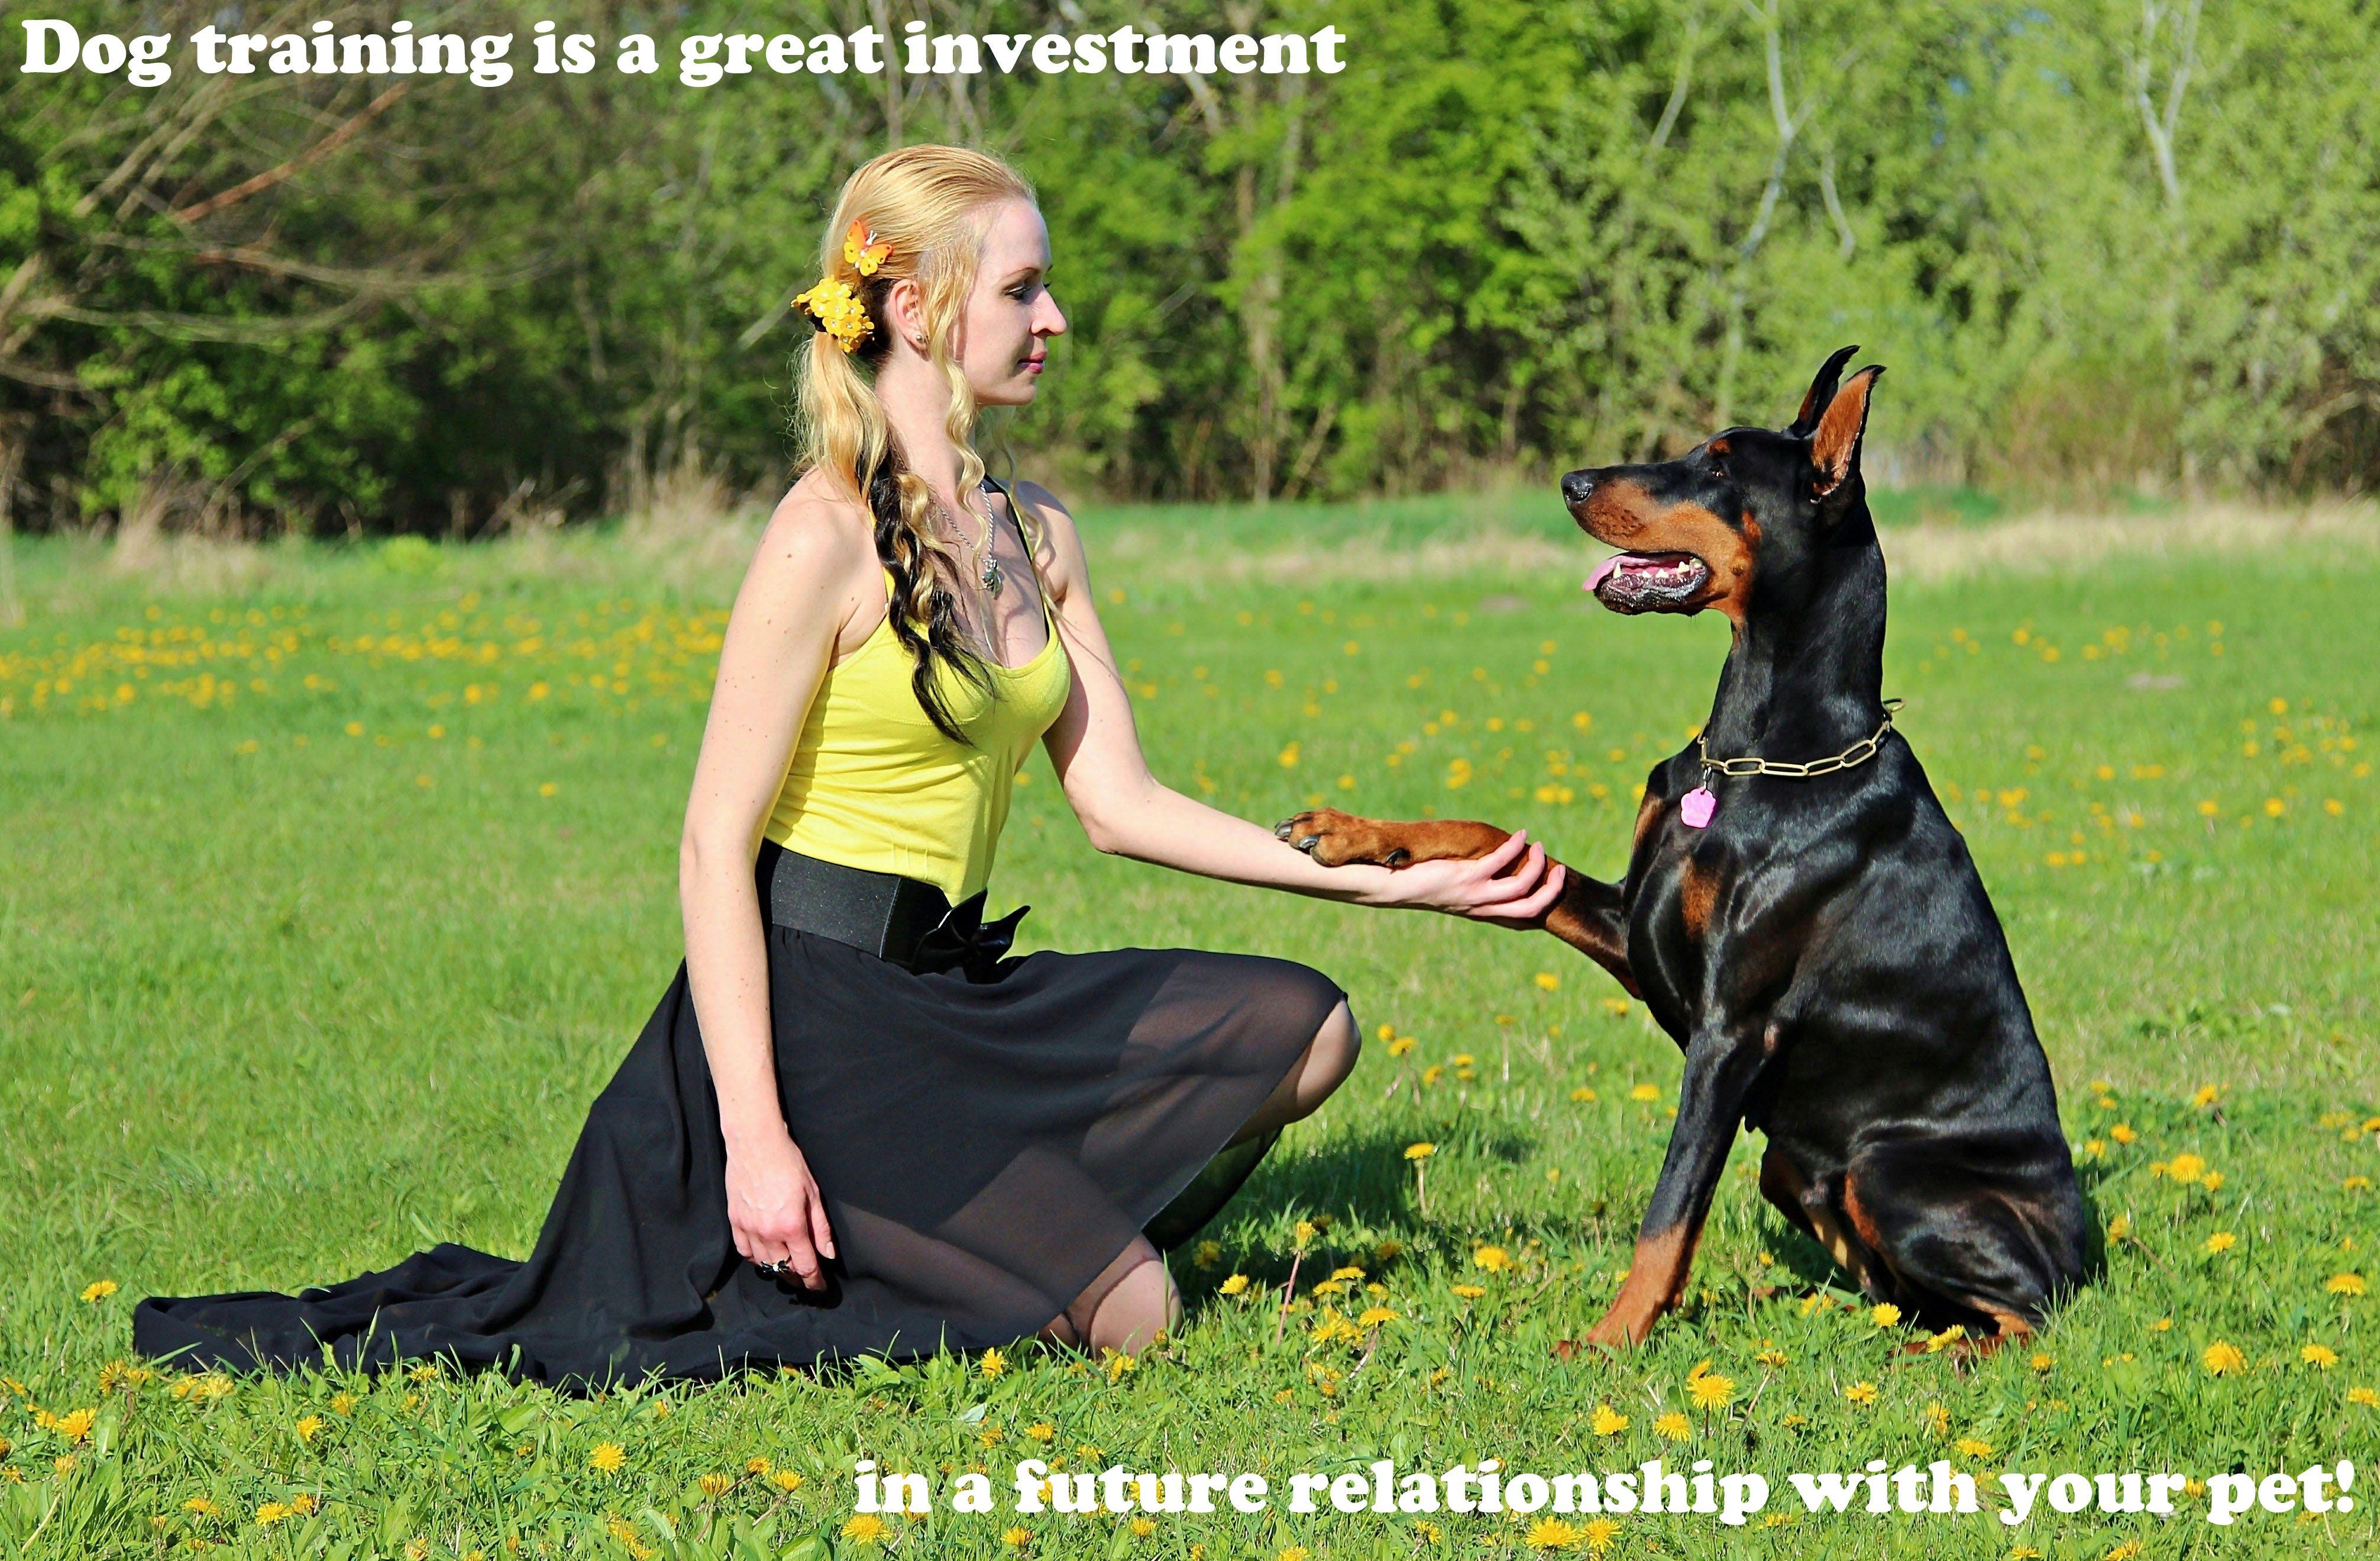 Pin By Petlevelup On Dog Training Dog Training Collar Dog Training